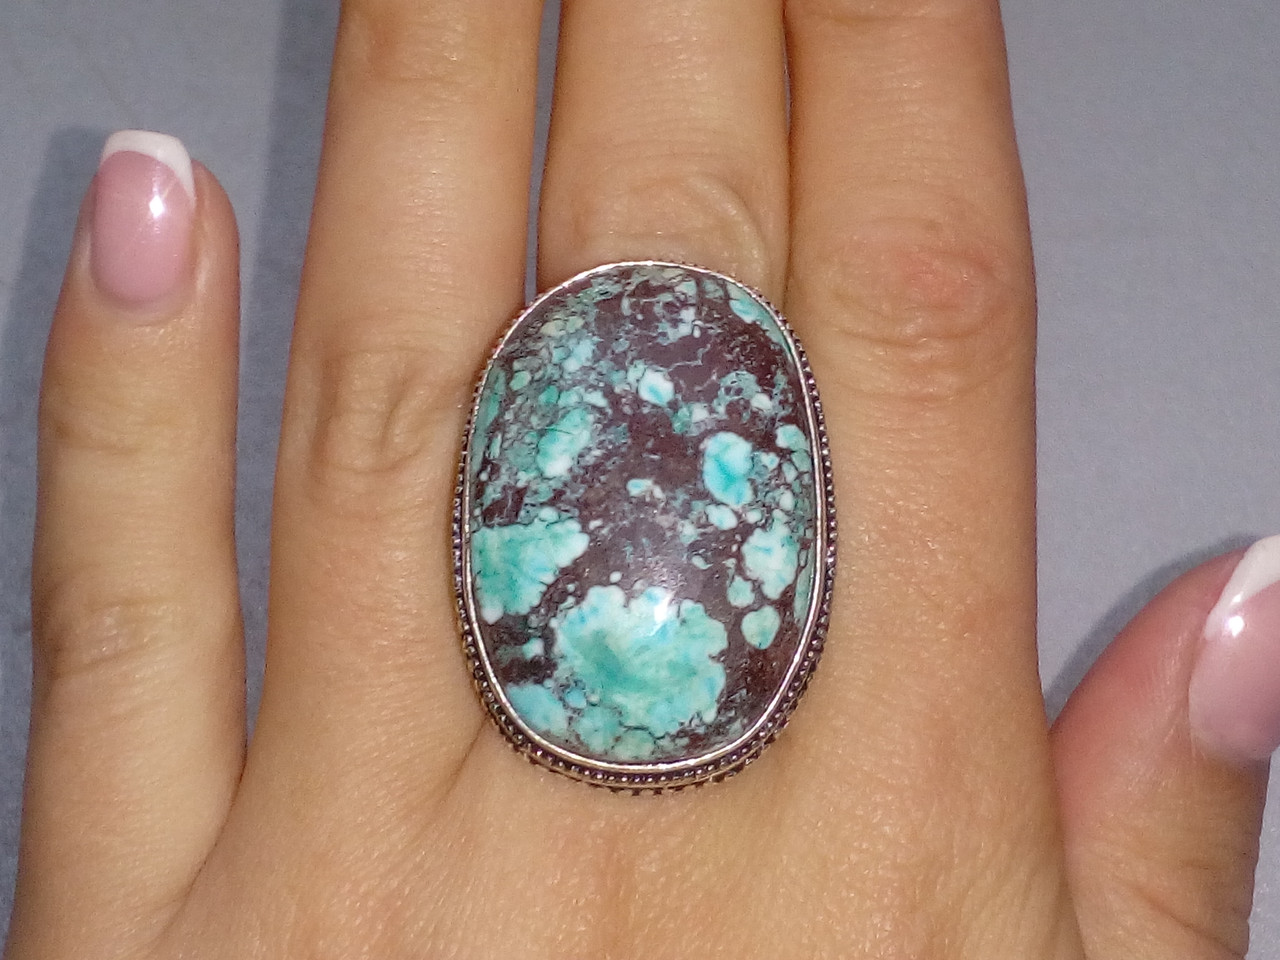 Бирюза кольцо с бирюзой 19,5-20  размер, натуральная бирюза в серебре Индия, фото 1